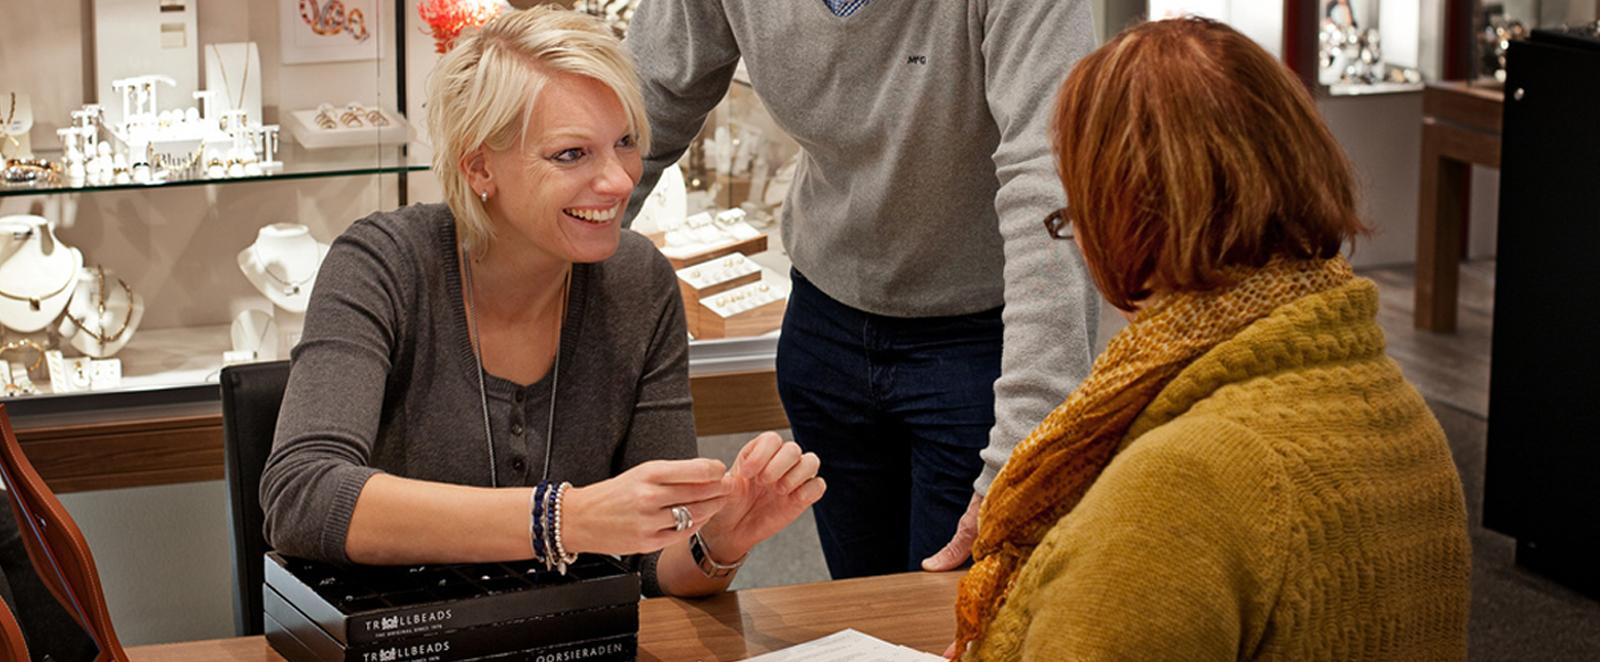 Wij zijn official Ebel horloge dealer, ervaren goudsmid. We zijn specialist in gouden sieraden en gedenksieraden en briljant sieraden. Vooral in briljant ringen  memoire  trouwringen